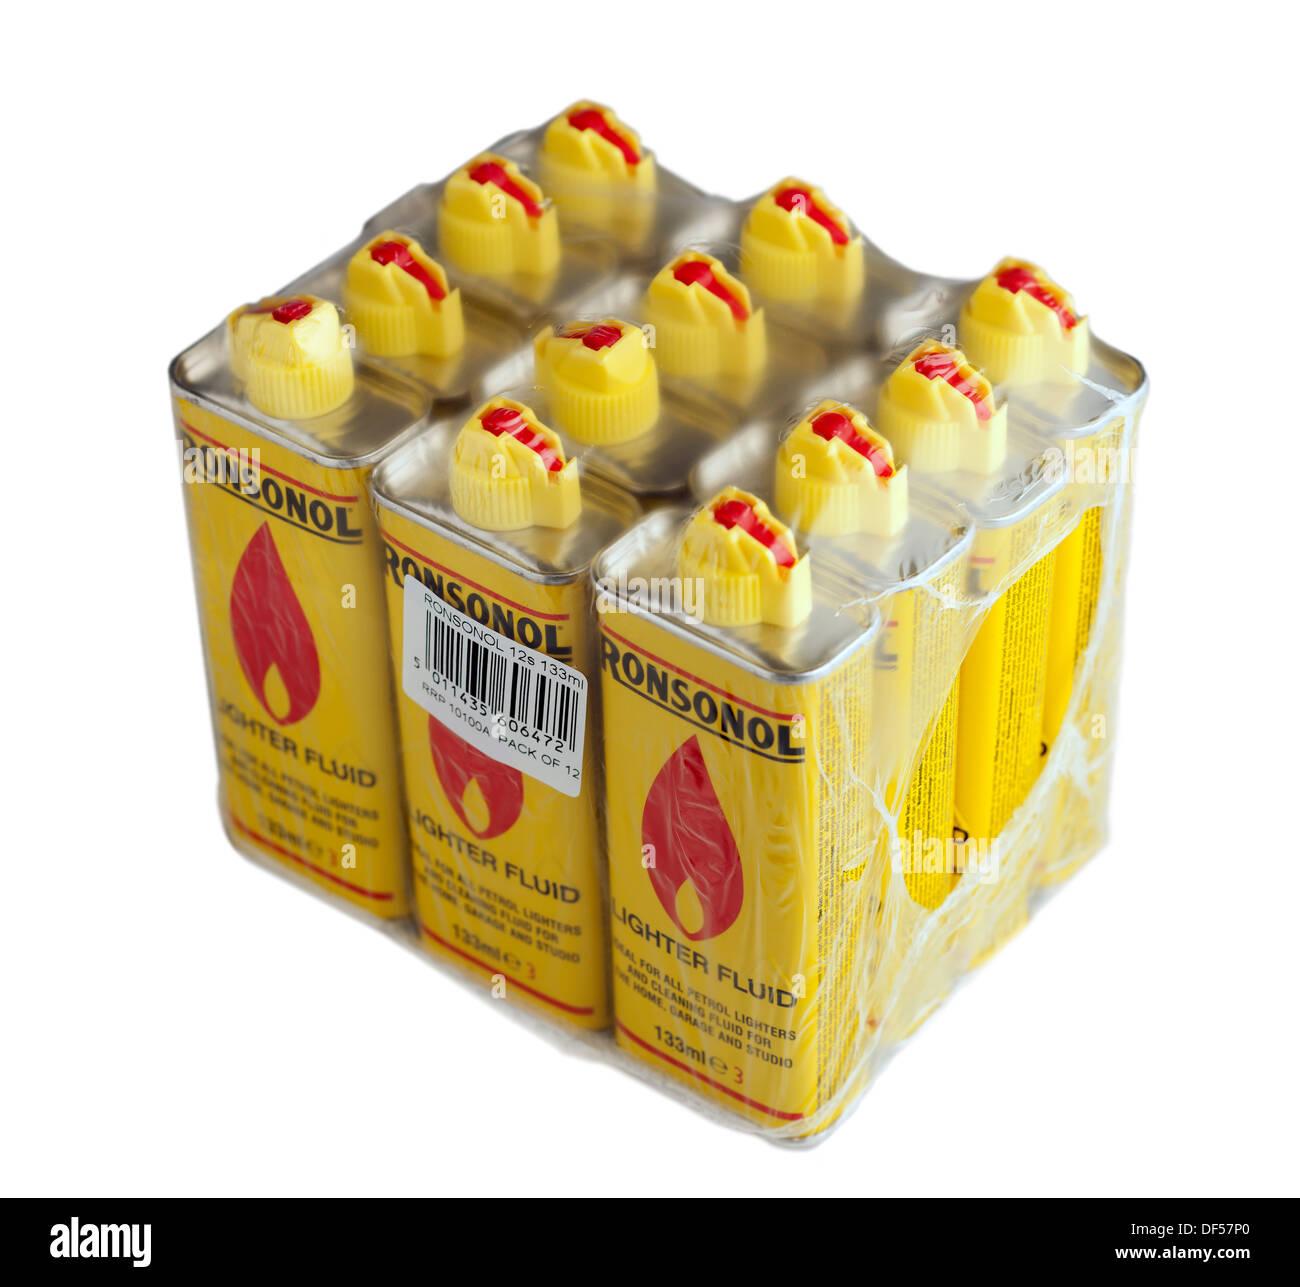 Dodici lattine di accendino Ronsonol fluido combustibile cellophane avvolto Immagini Stock